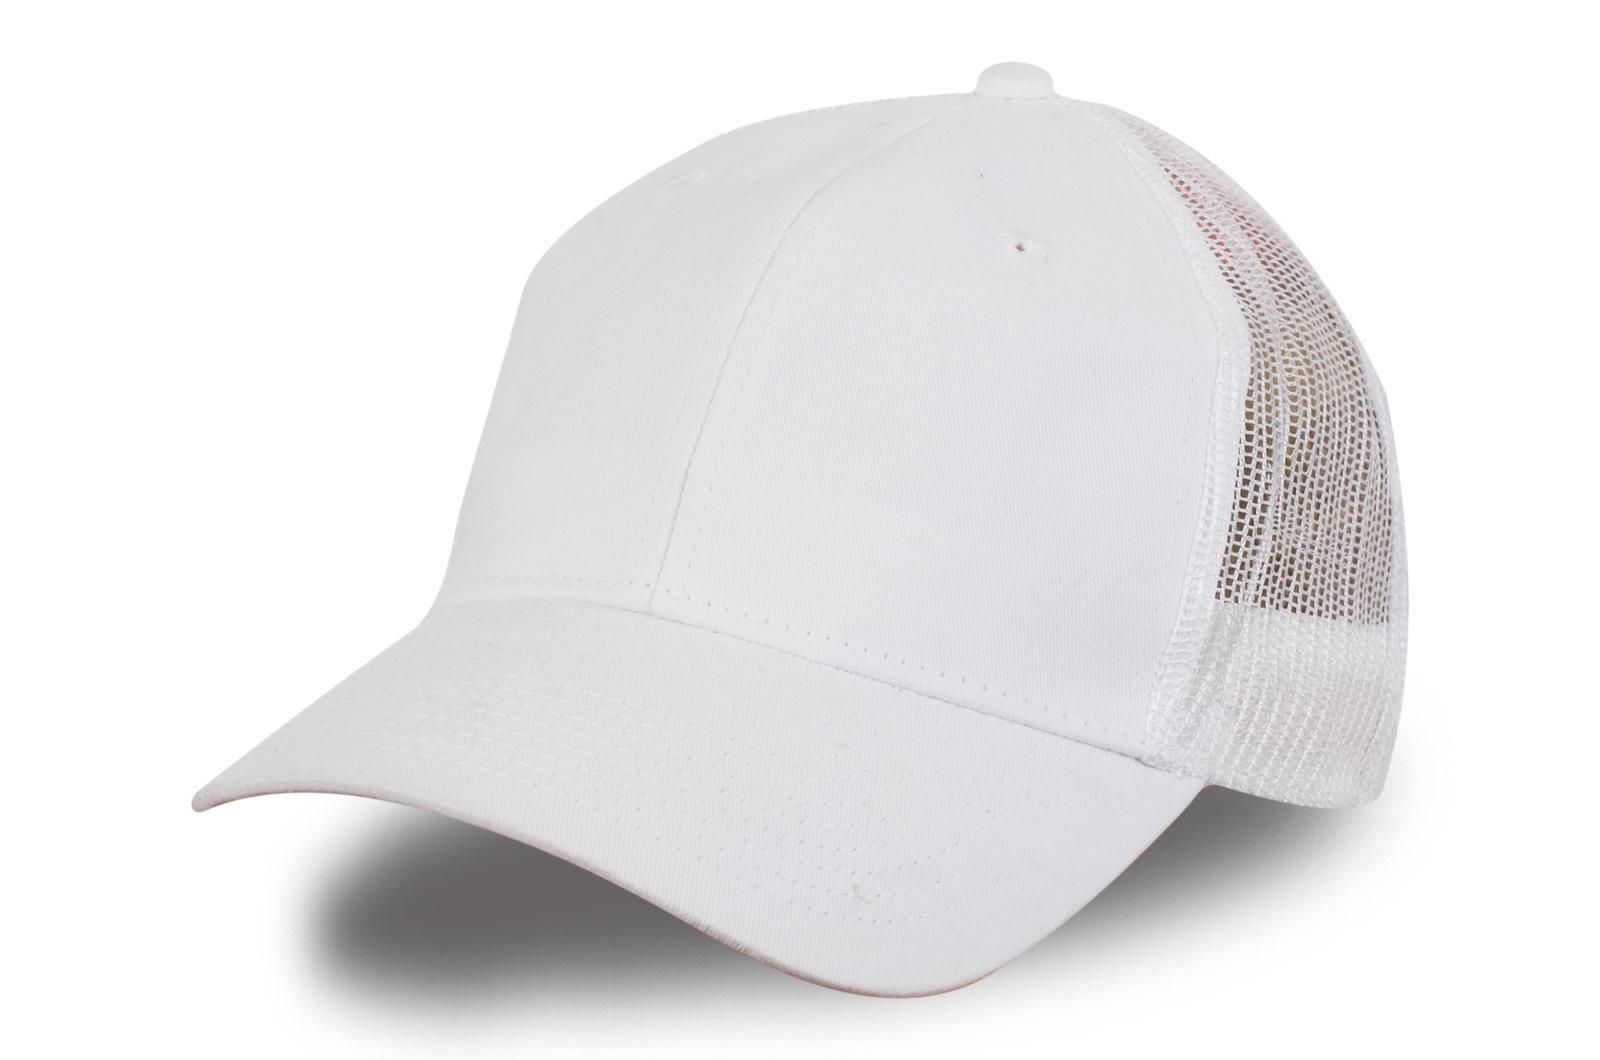 Бейсболка c сеткой - купить в интернет-магазине с доставкой